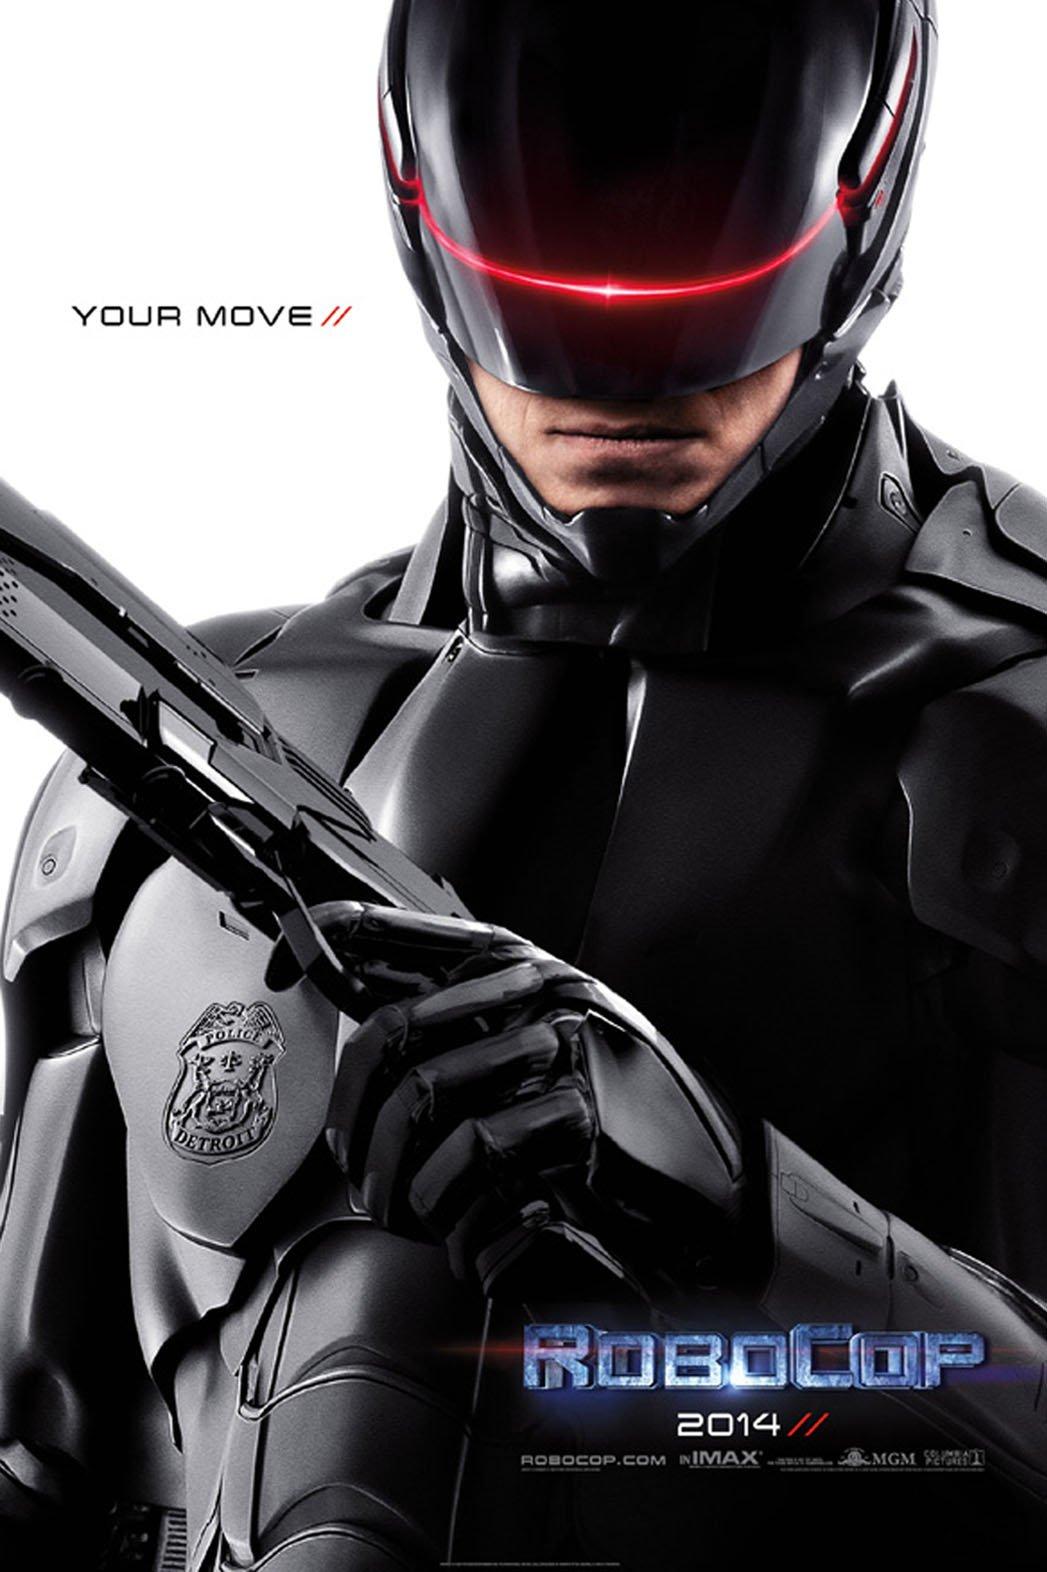 로보캅 (RoboCop, 2014) 을 봤습니다.